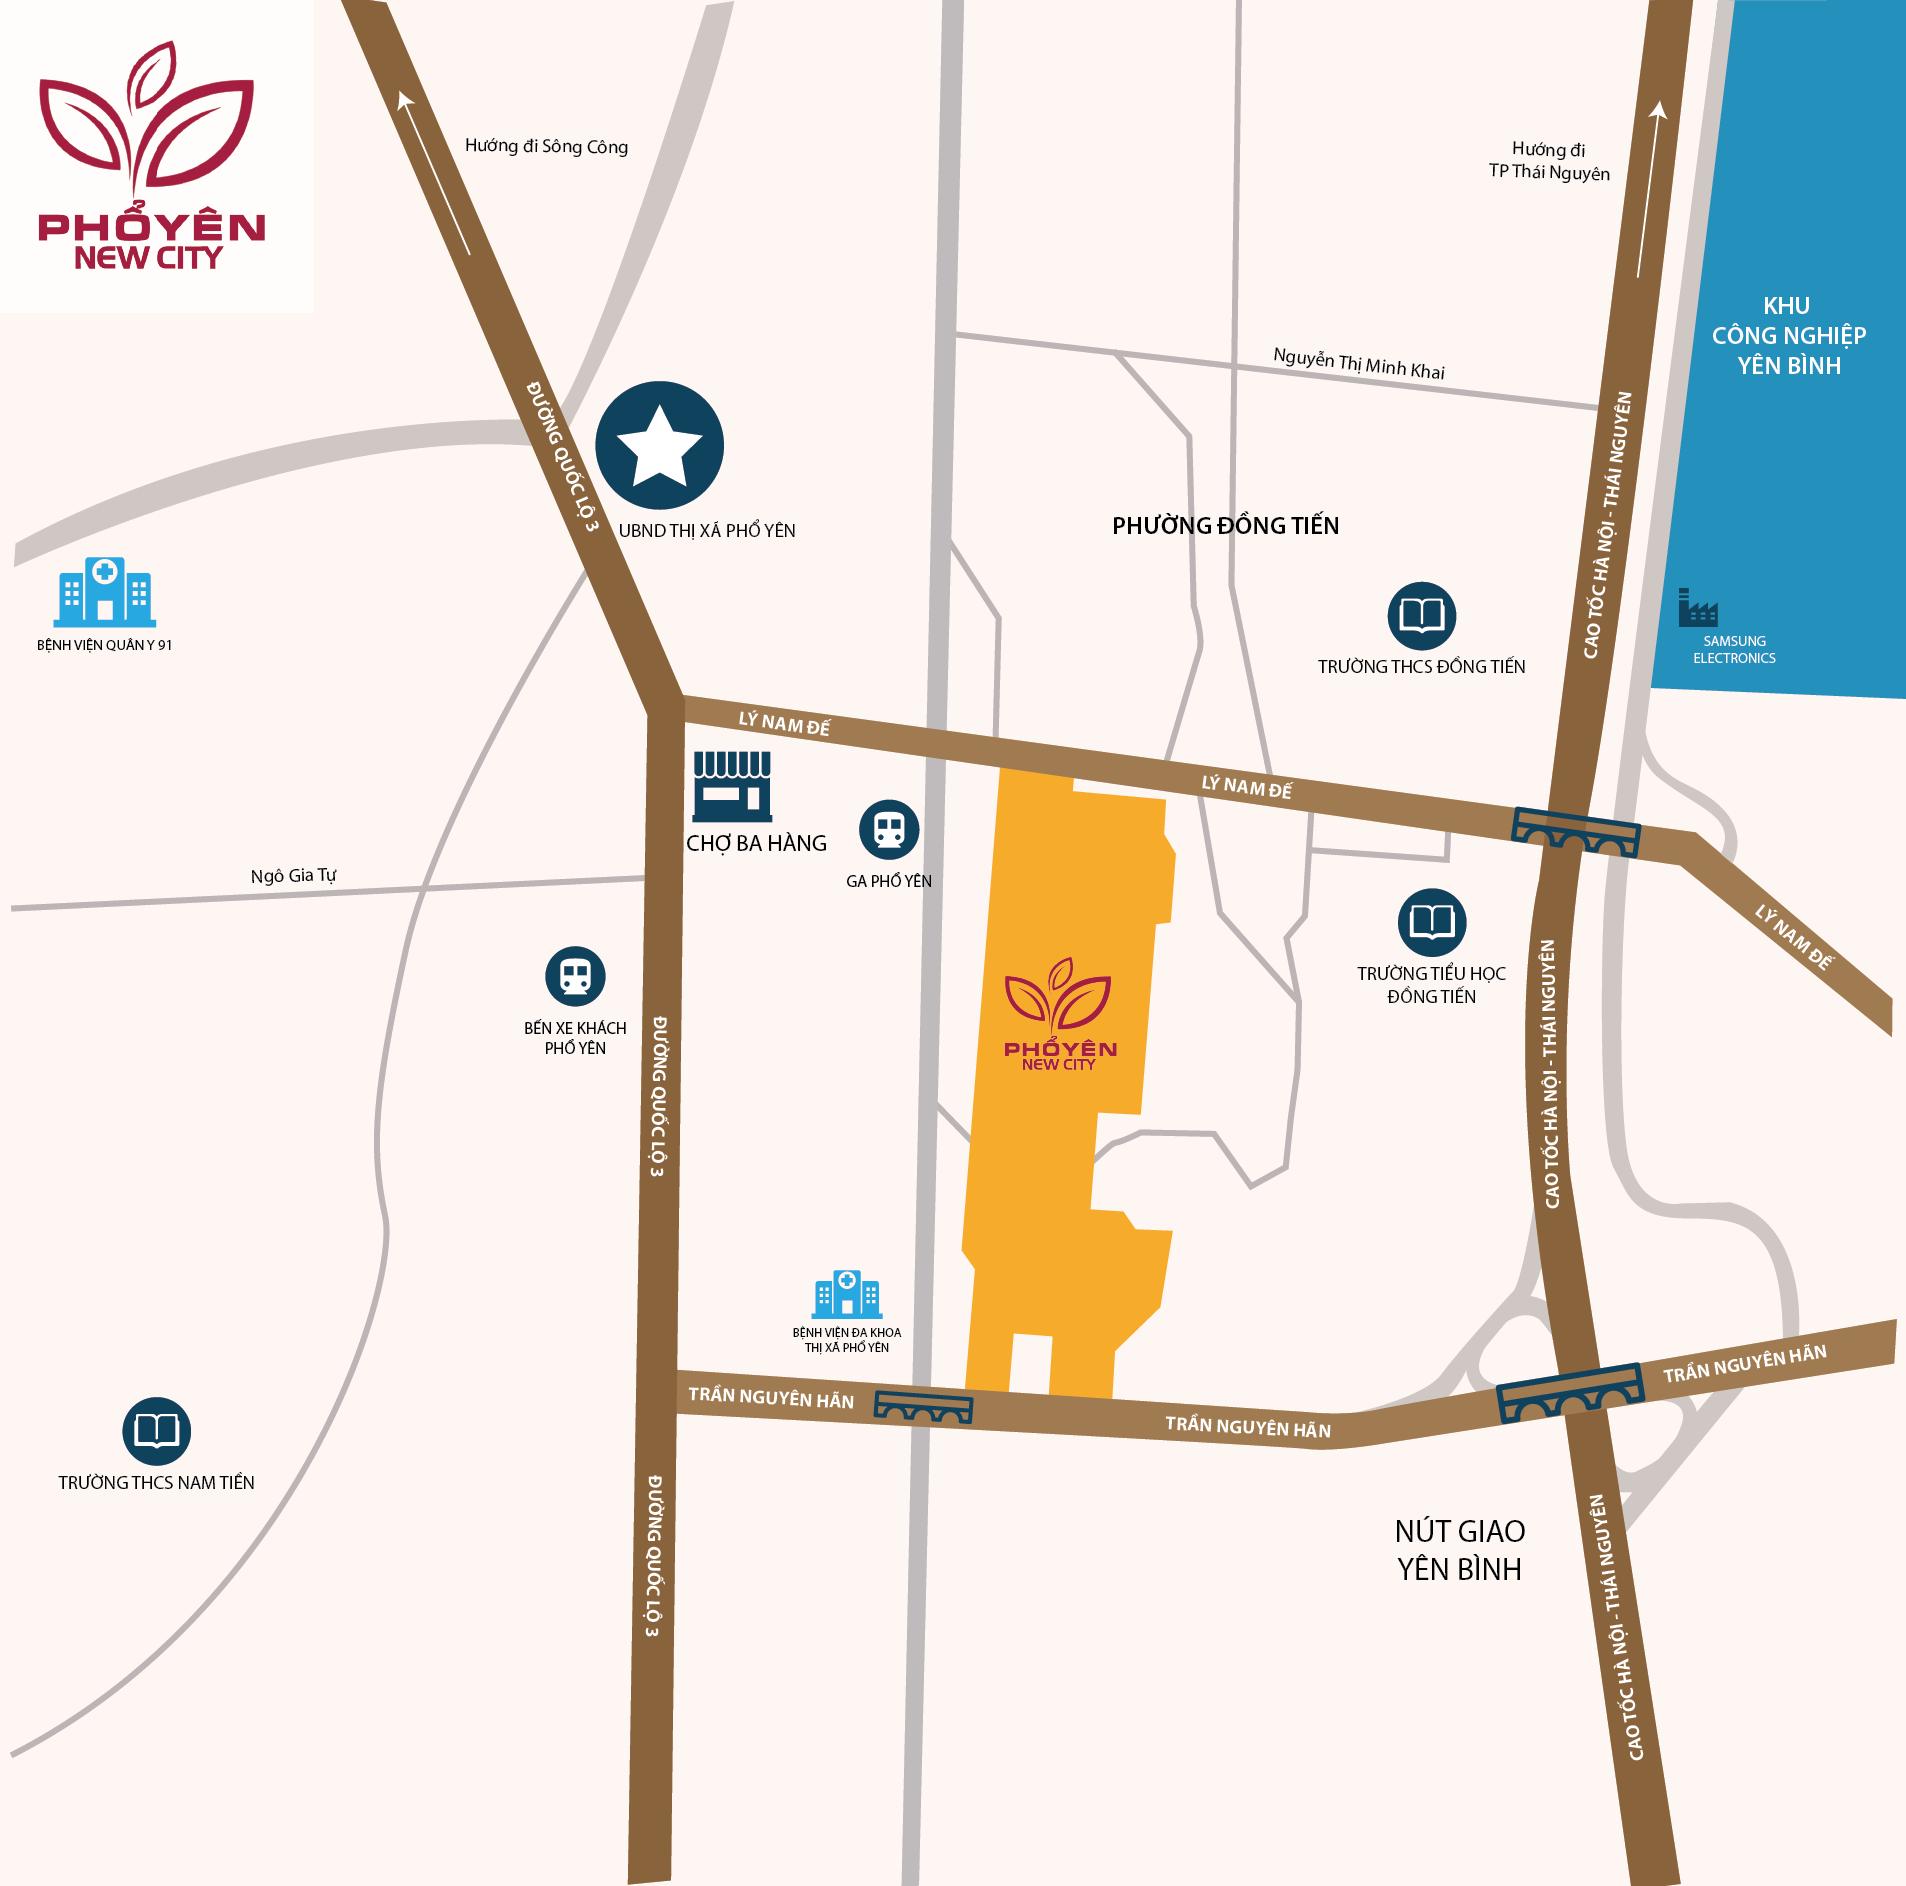 vị trí dự án phổ yên new city